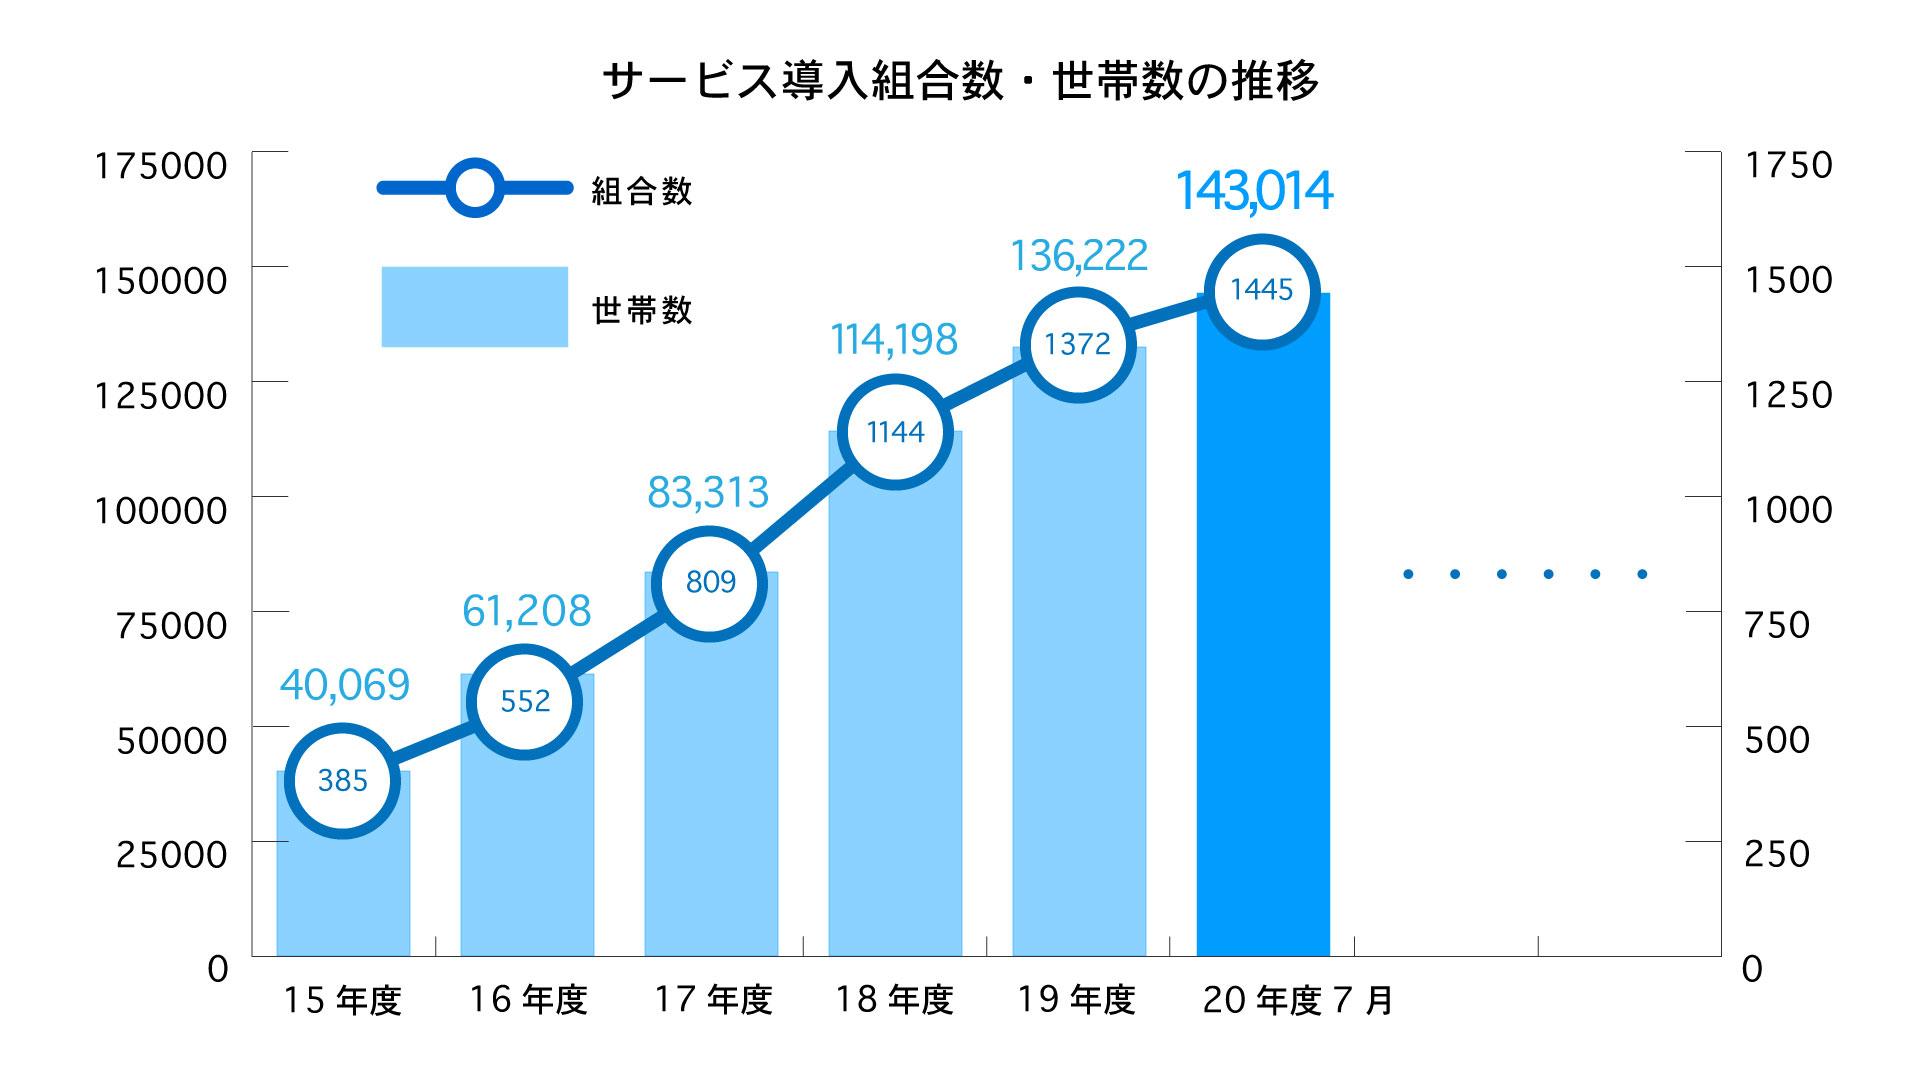 利用者グラフ